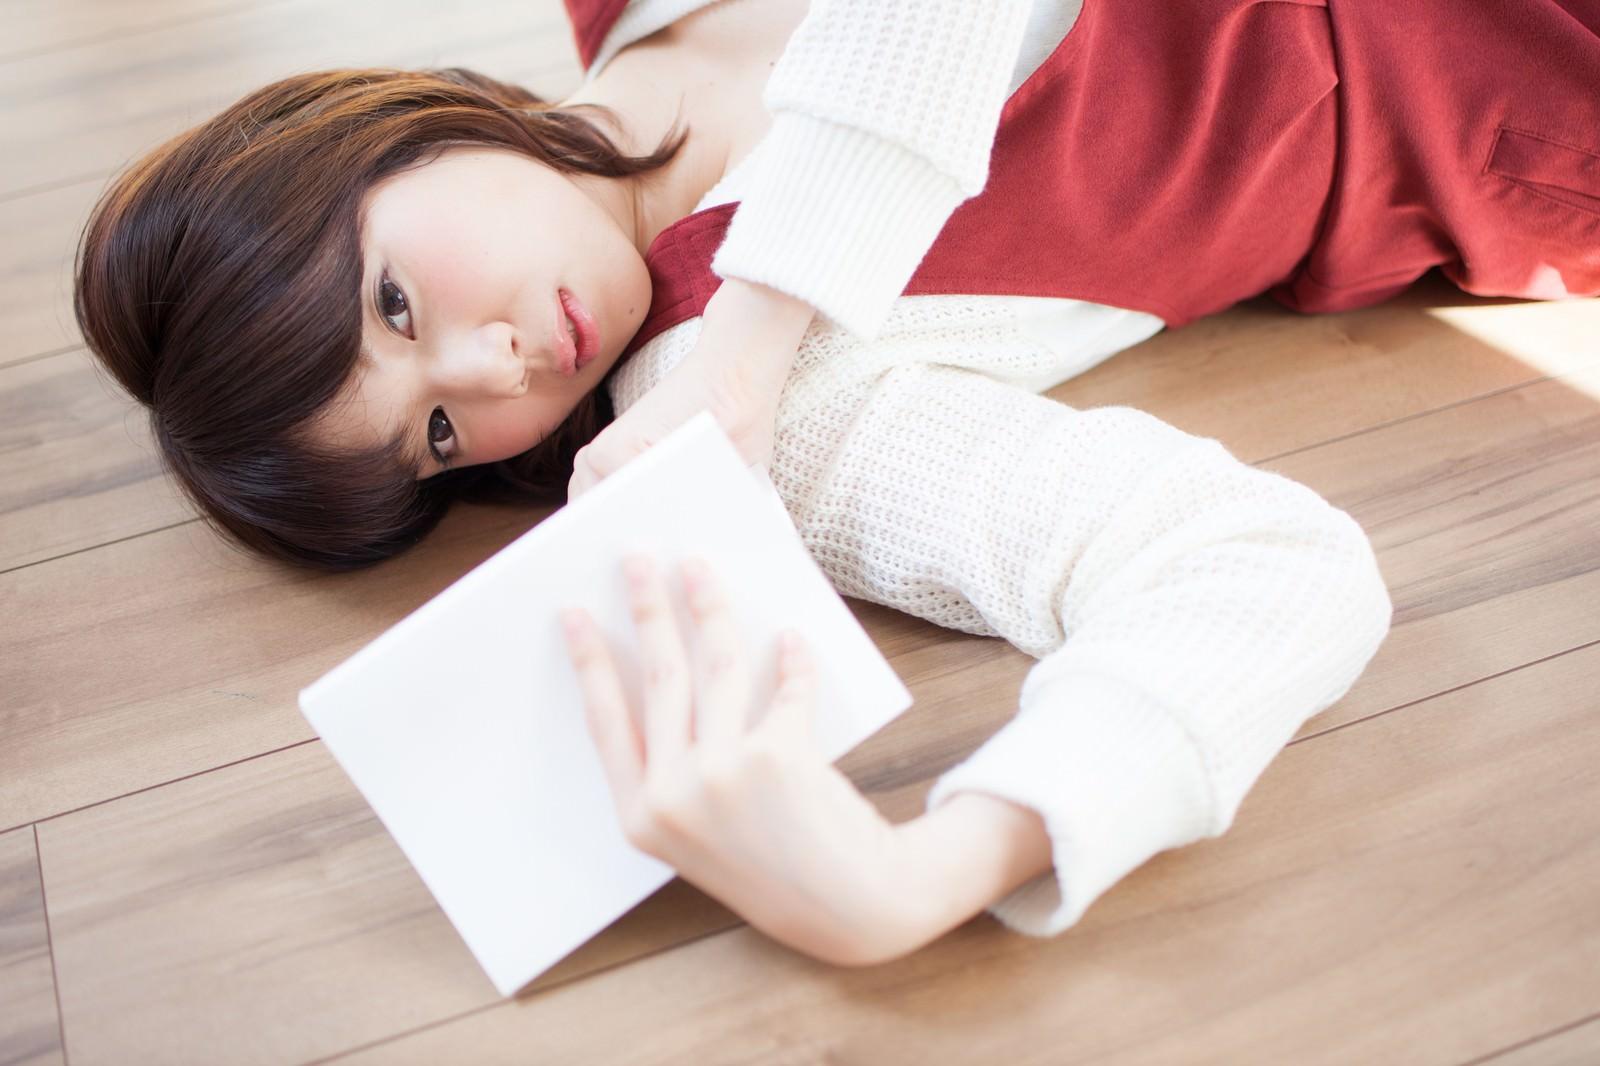 「フローリングに寝転び読書をする女性フローリングに寝転び読書をする女性」[モデル:みき。]のフリー写真素材を拡大